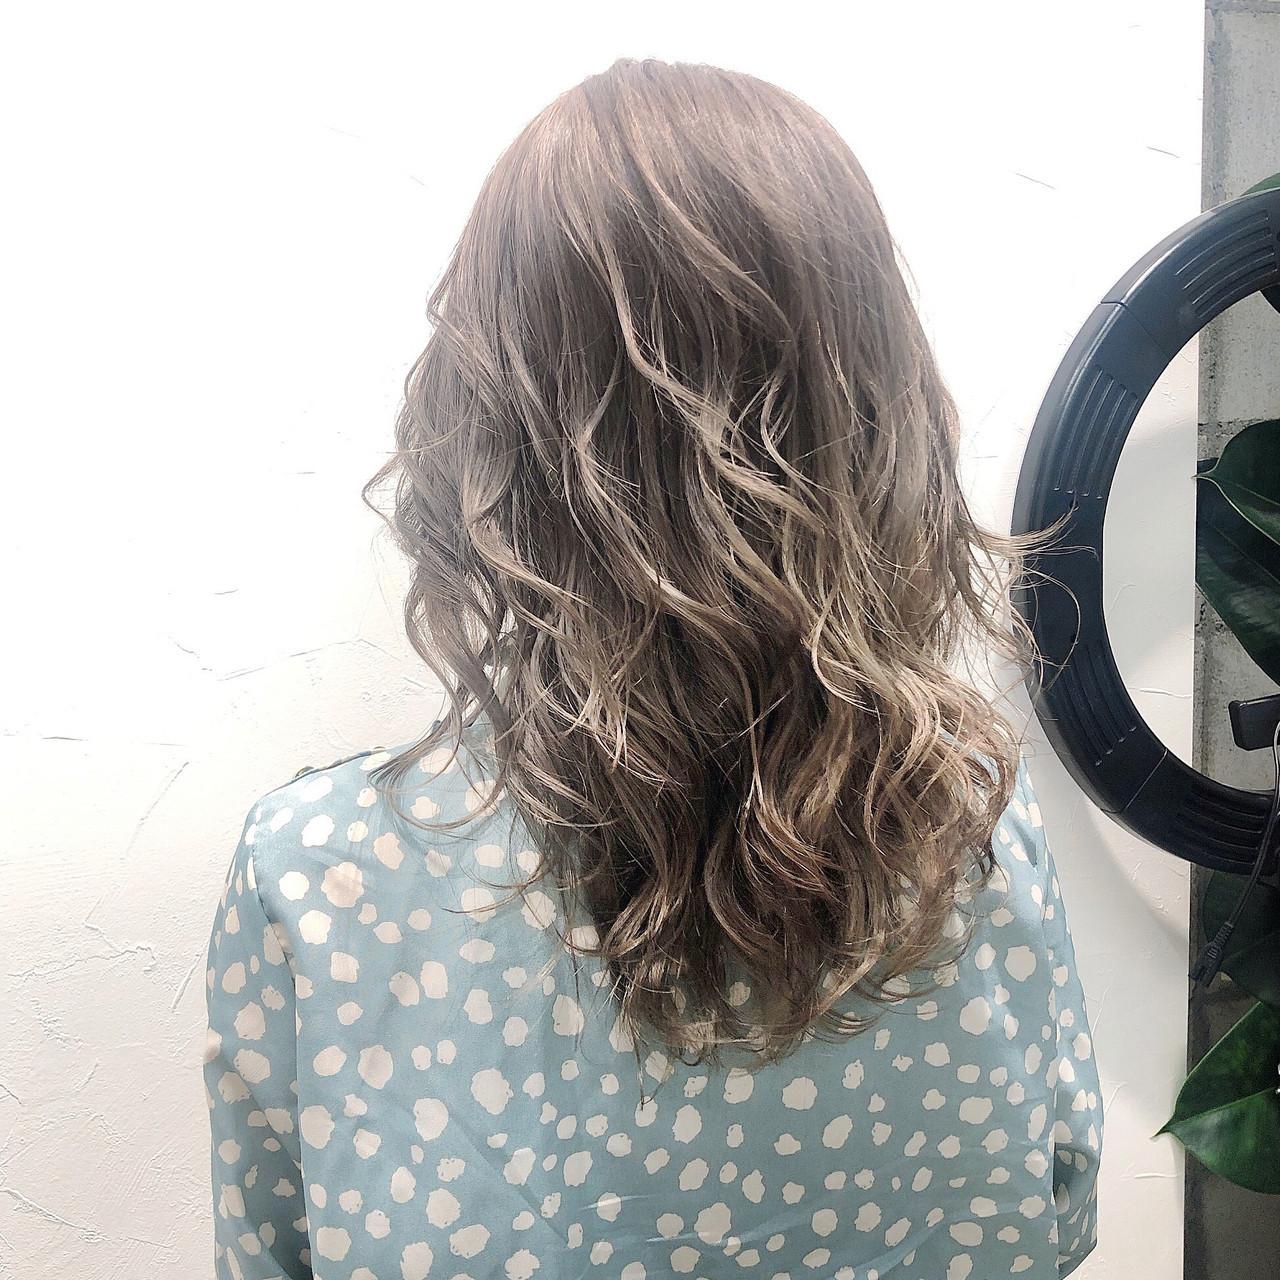 ミルクティーグレージュ コンサバ 透け感ヘア ミルクティー ヘアスタイルや髪型の写真・画像